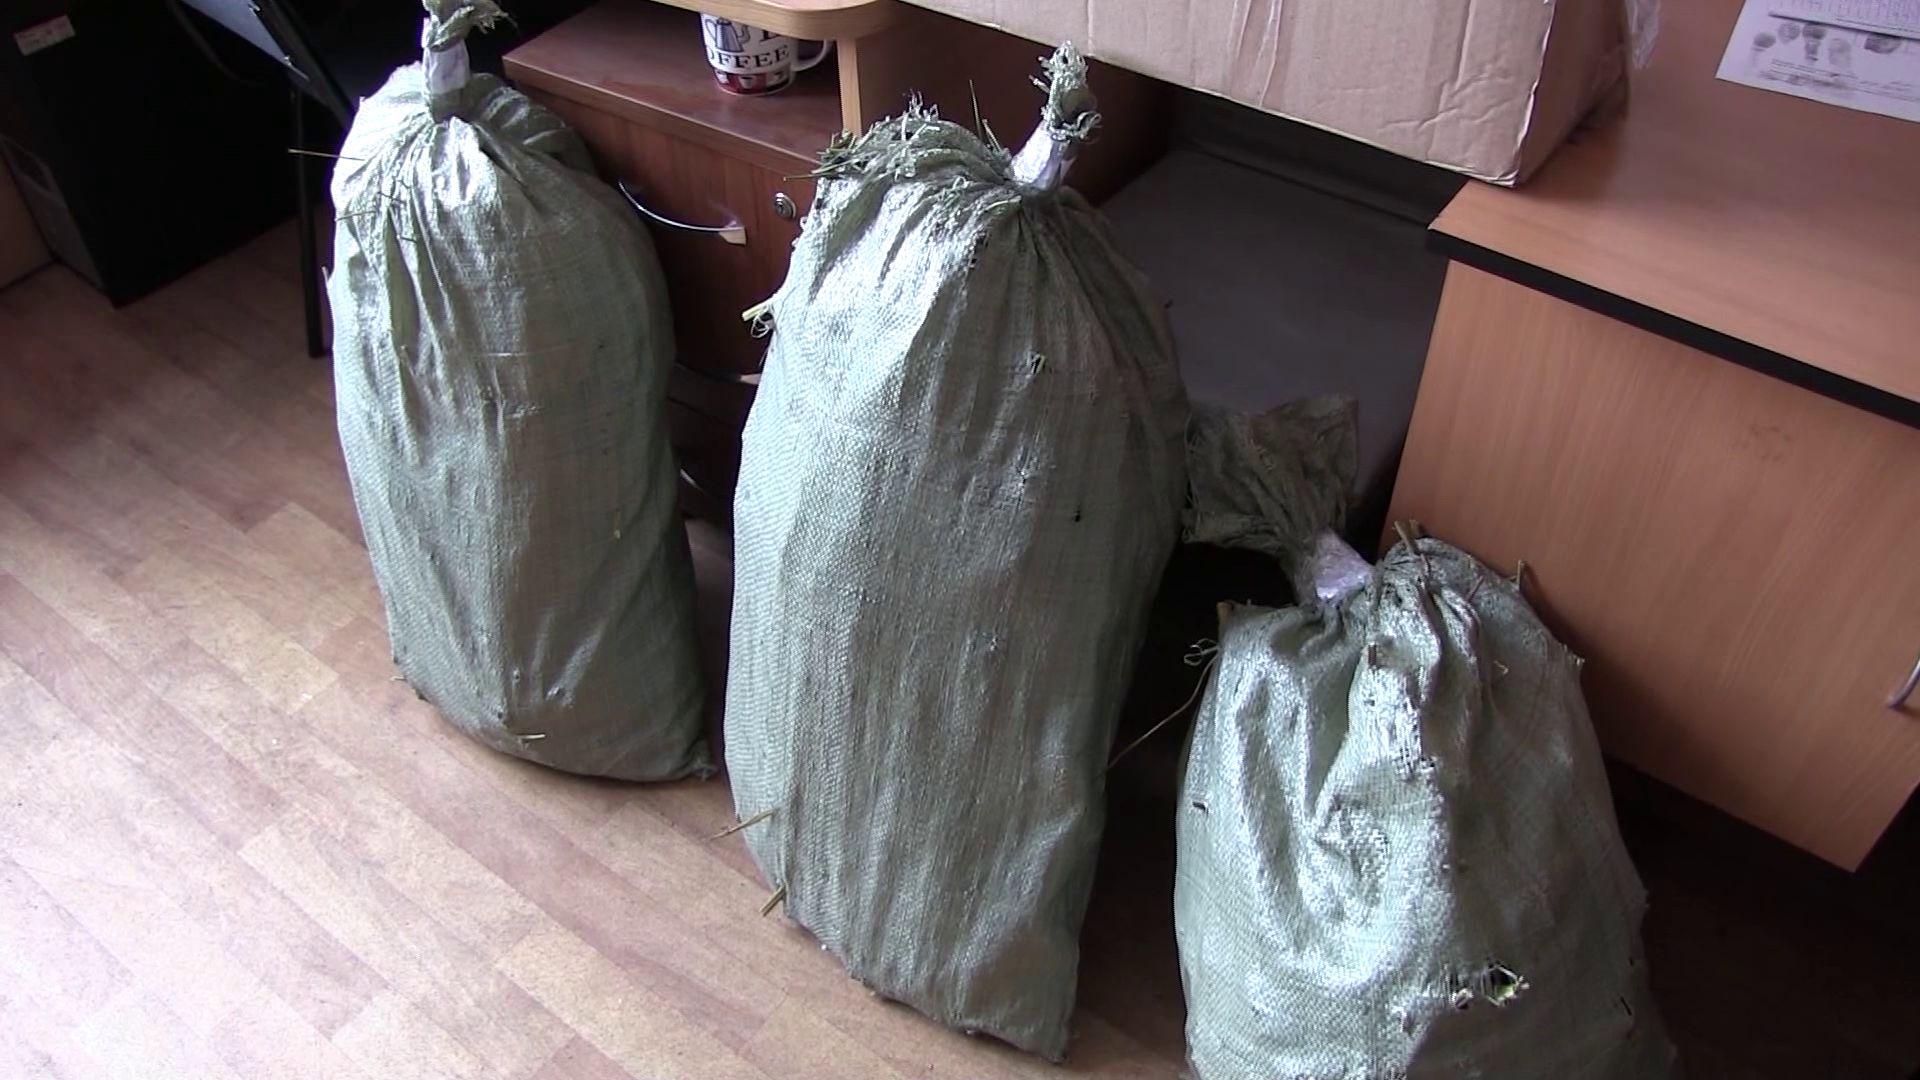 В Тутаевском районе задержали мужчину с тремя мешками маковой соломы